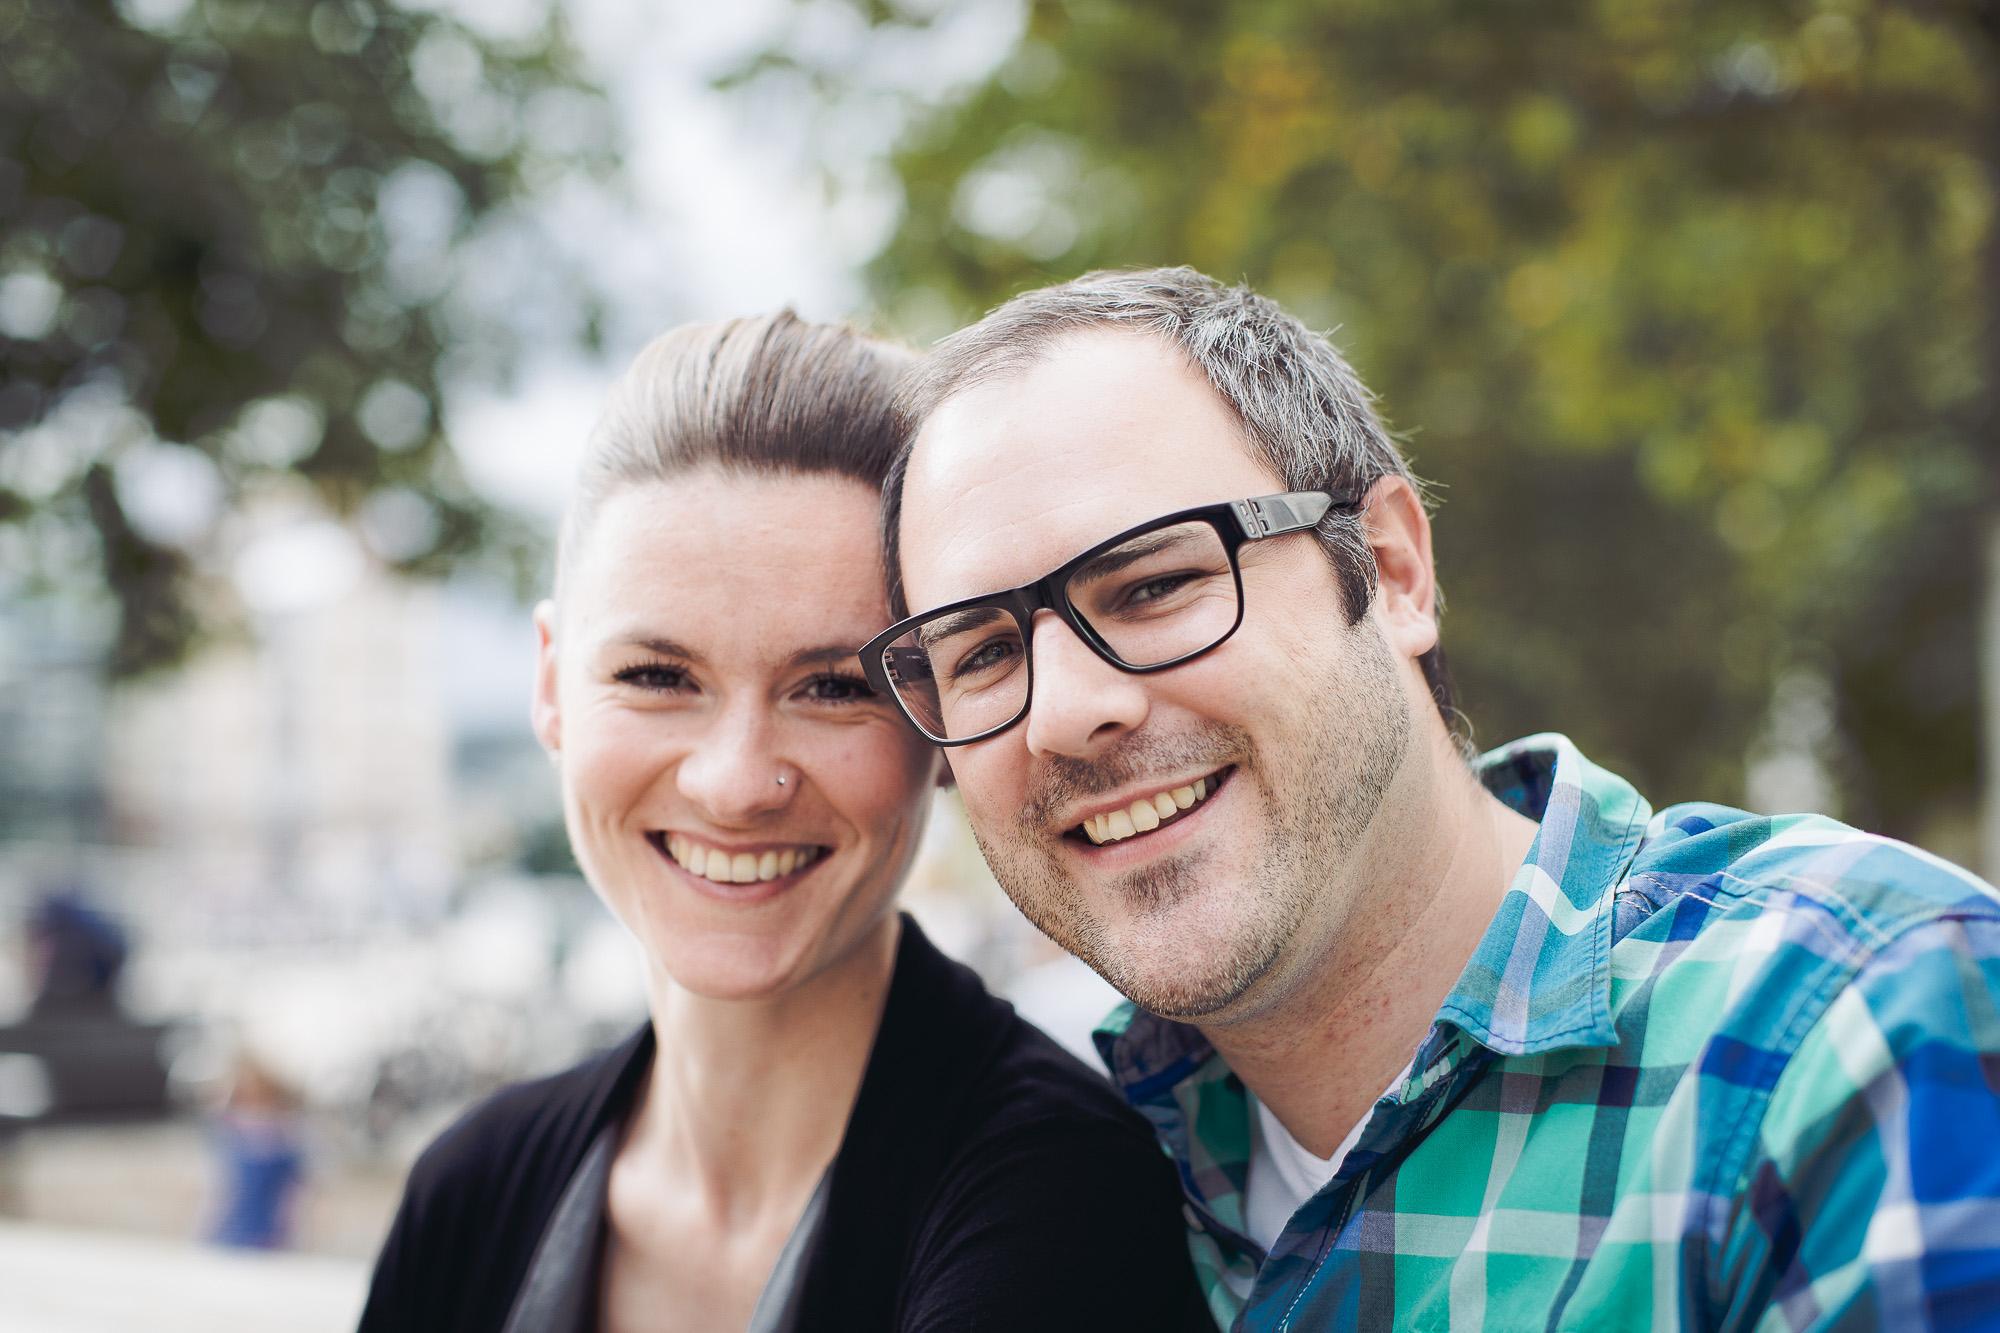 Daniela-und-Dominic-Foto-Avec-Amis-11